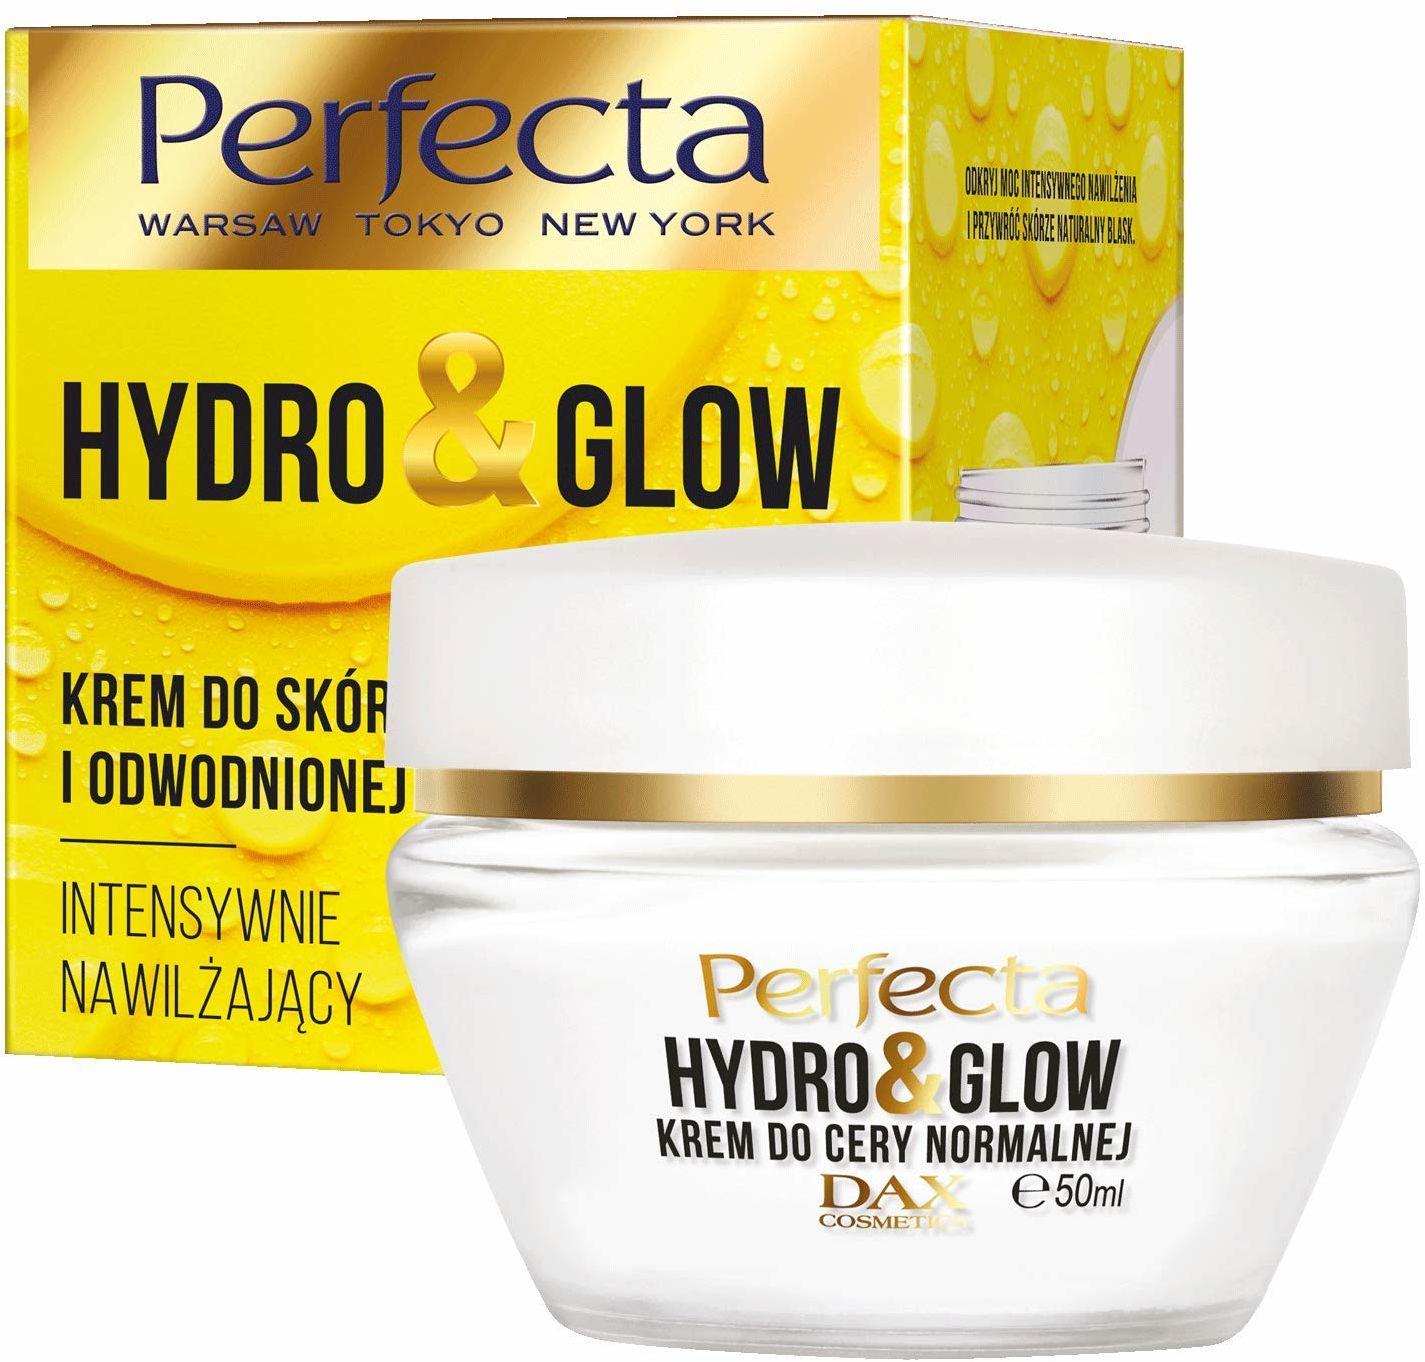 Perfecta Hydro&Glow Krem do skóry normalnej i odwodnionej intensywnie nawilżający.